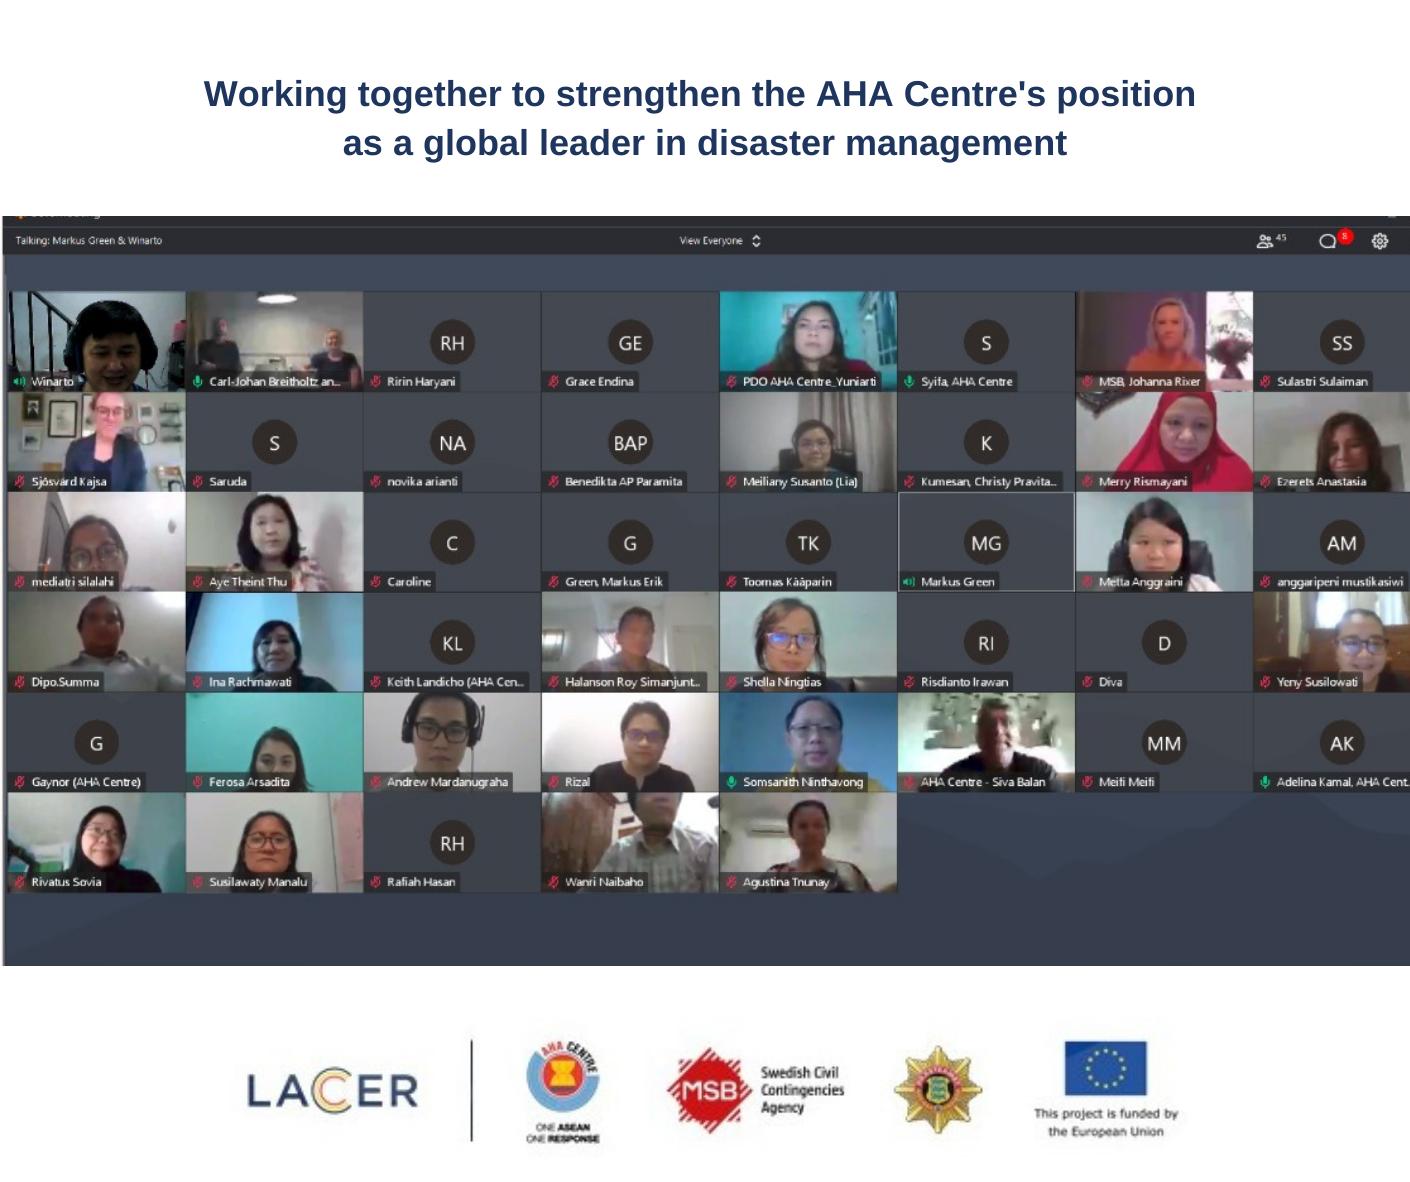 LACER: en interaktiv online workshop med anställda på AHA Centre och konsortiet.